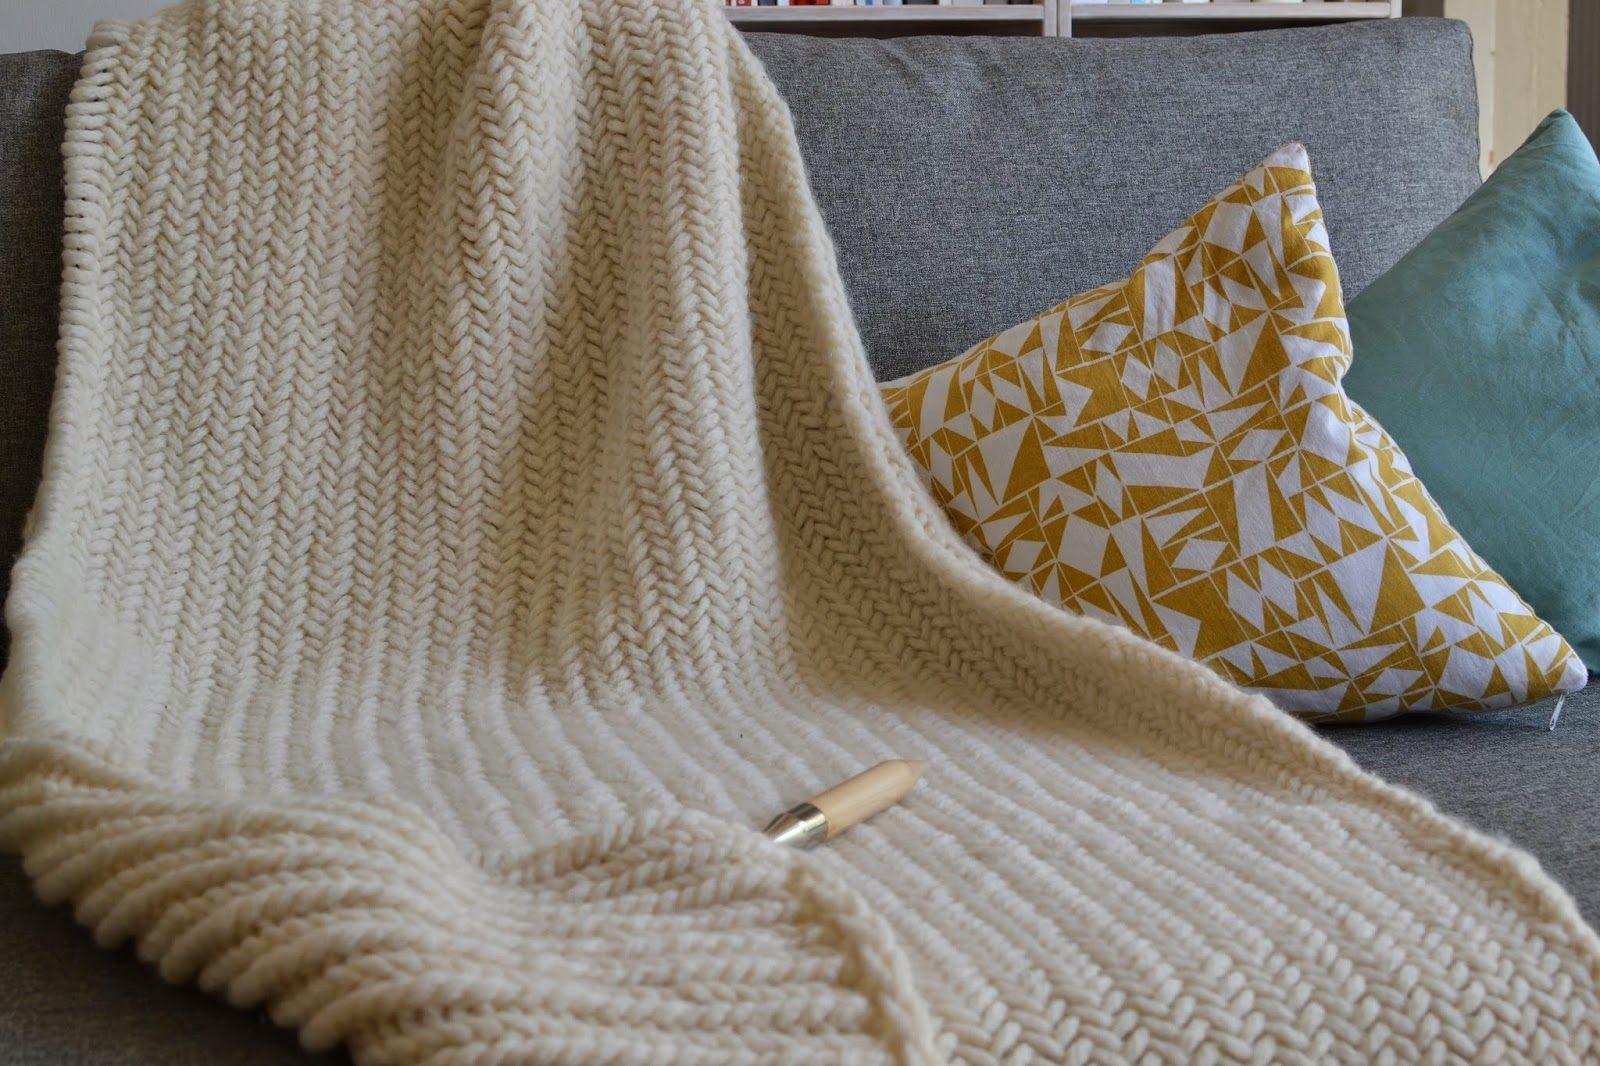 Anleitung: Decke stricken | Decke | Pinterest | Tagesdecken ...